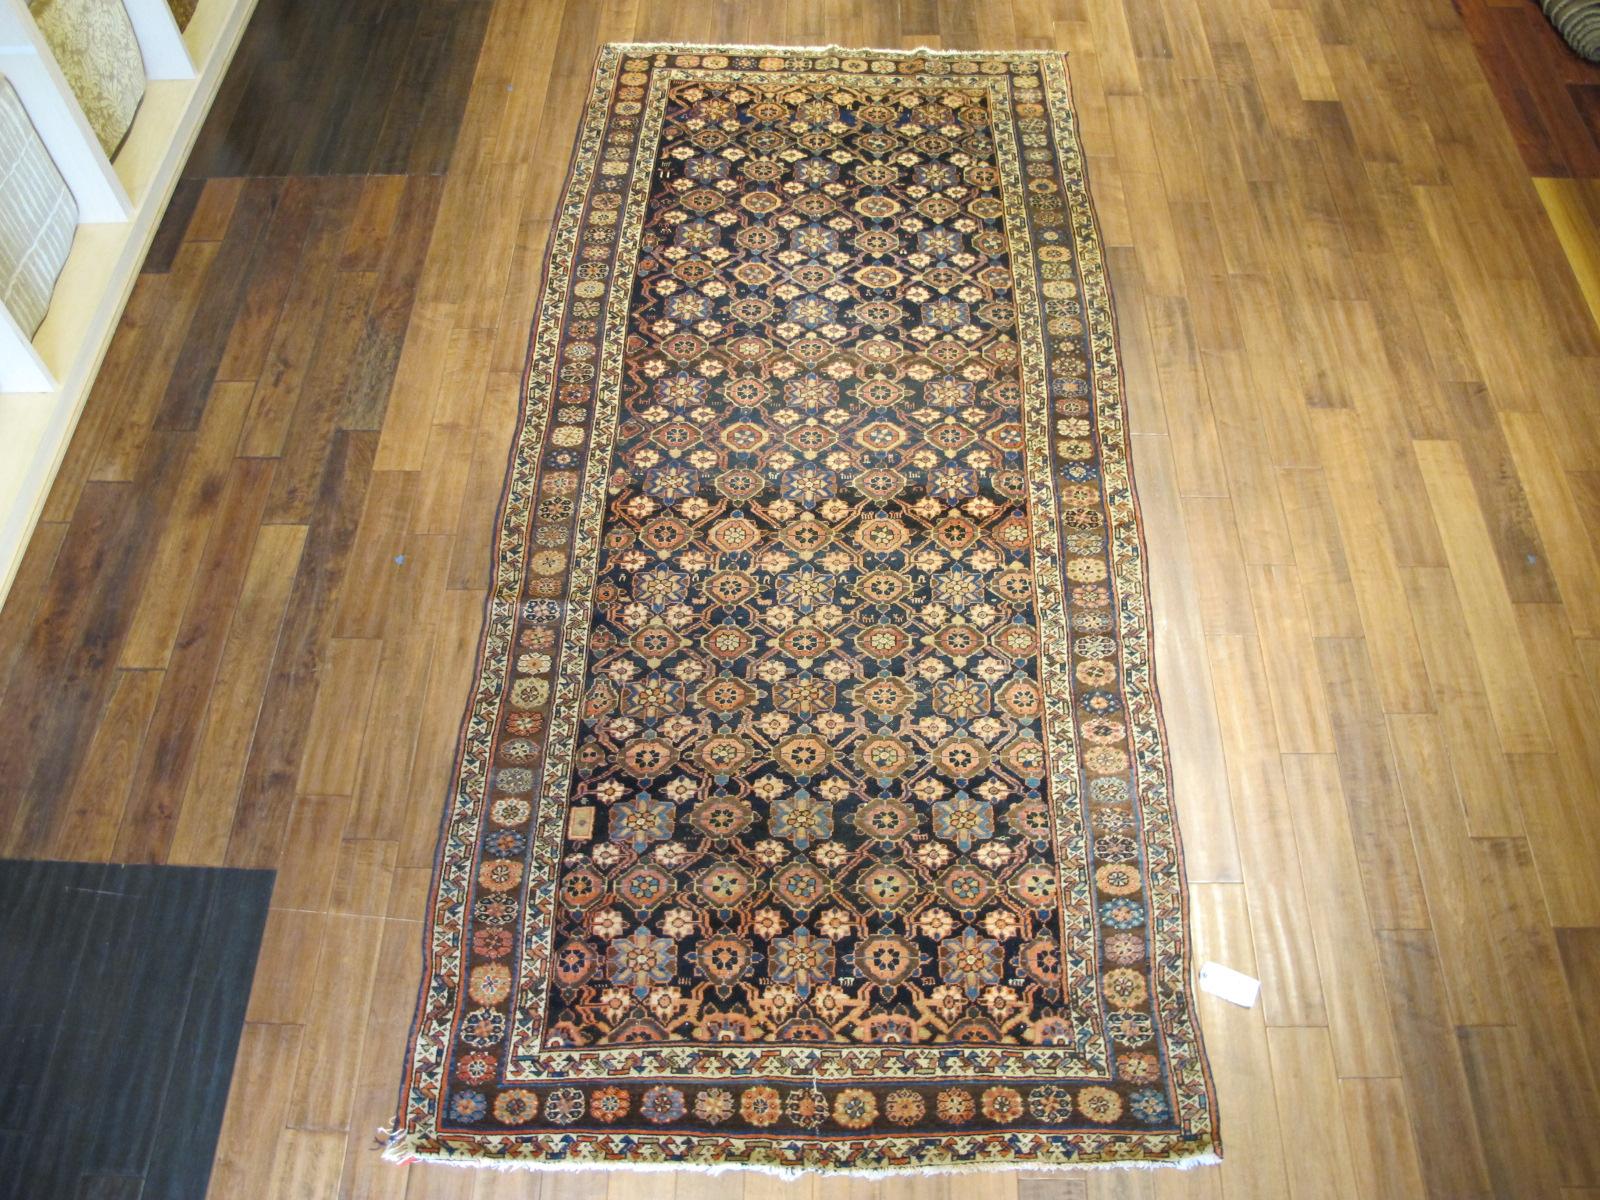 Veramin Rug | Persia | Hand woven, Circa 1910